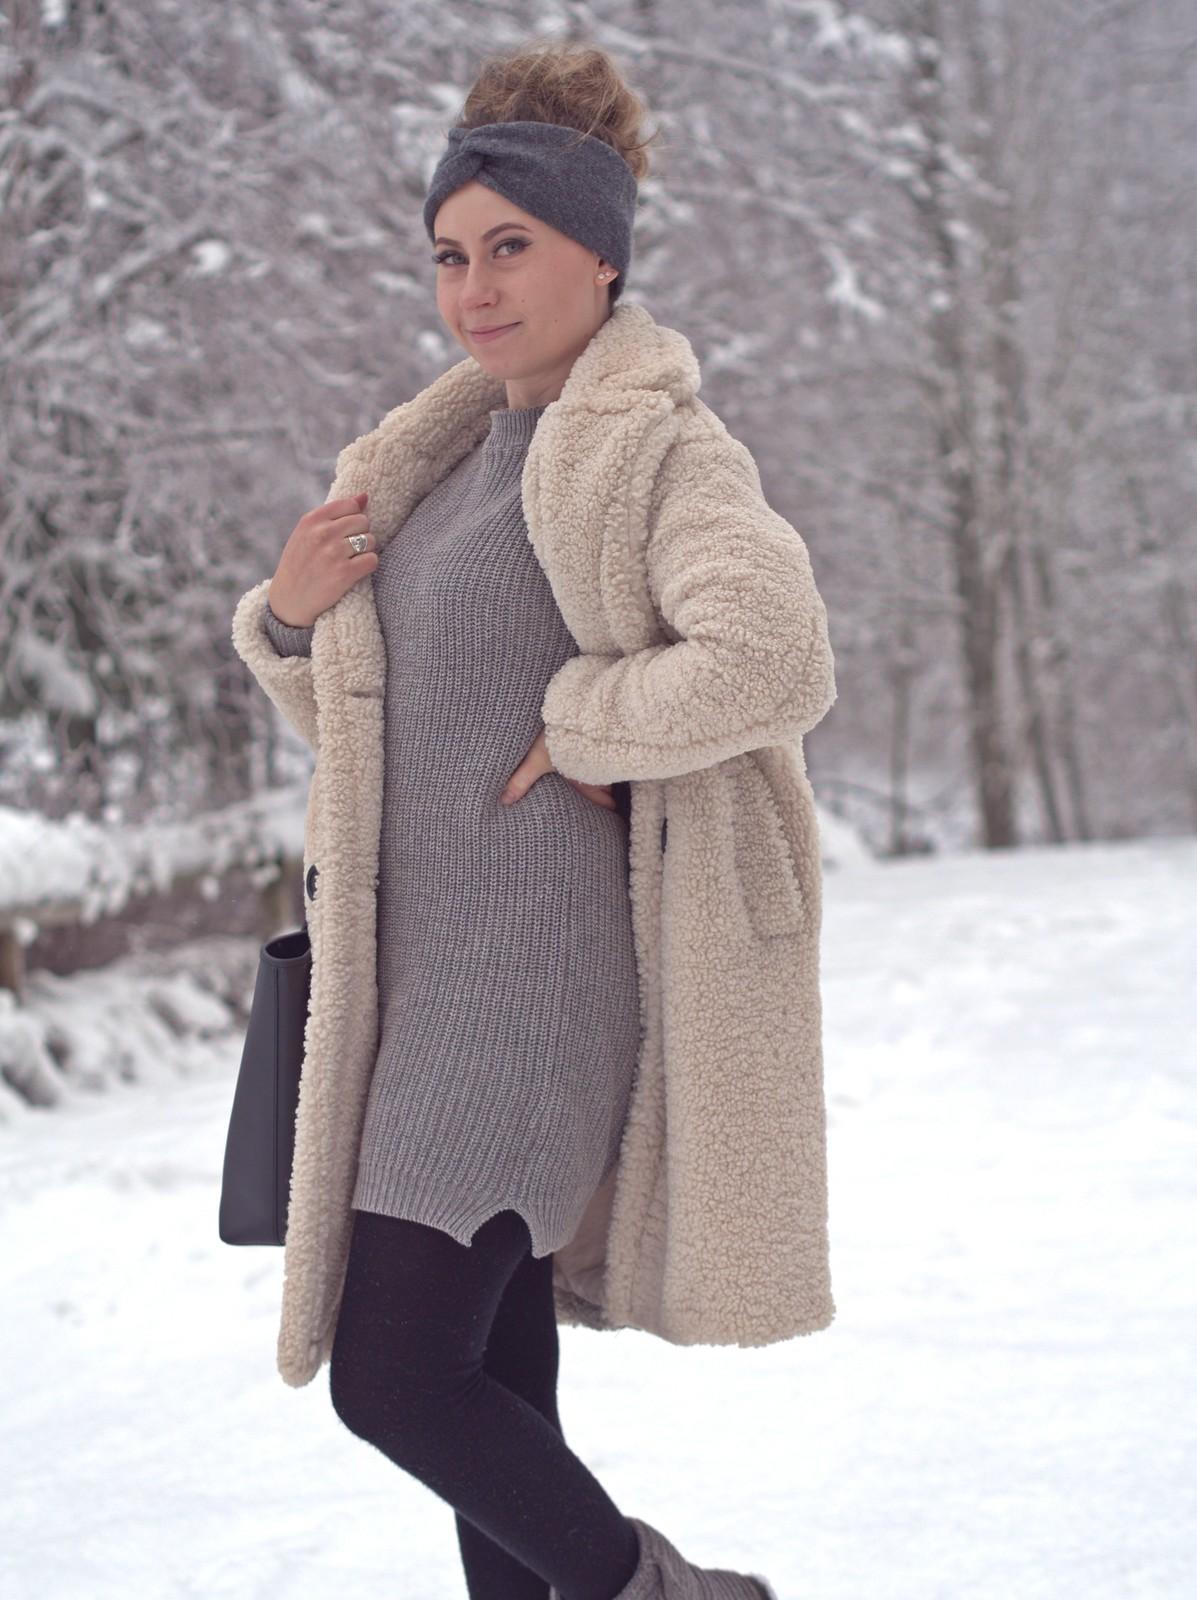 harmaa musta valkoinen asu talveen